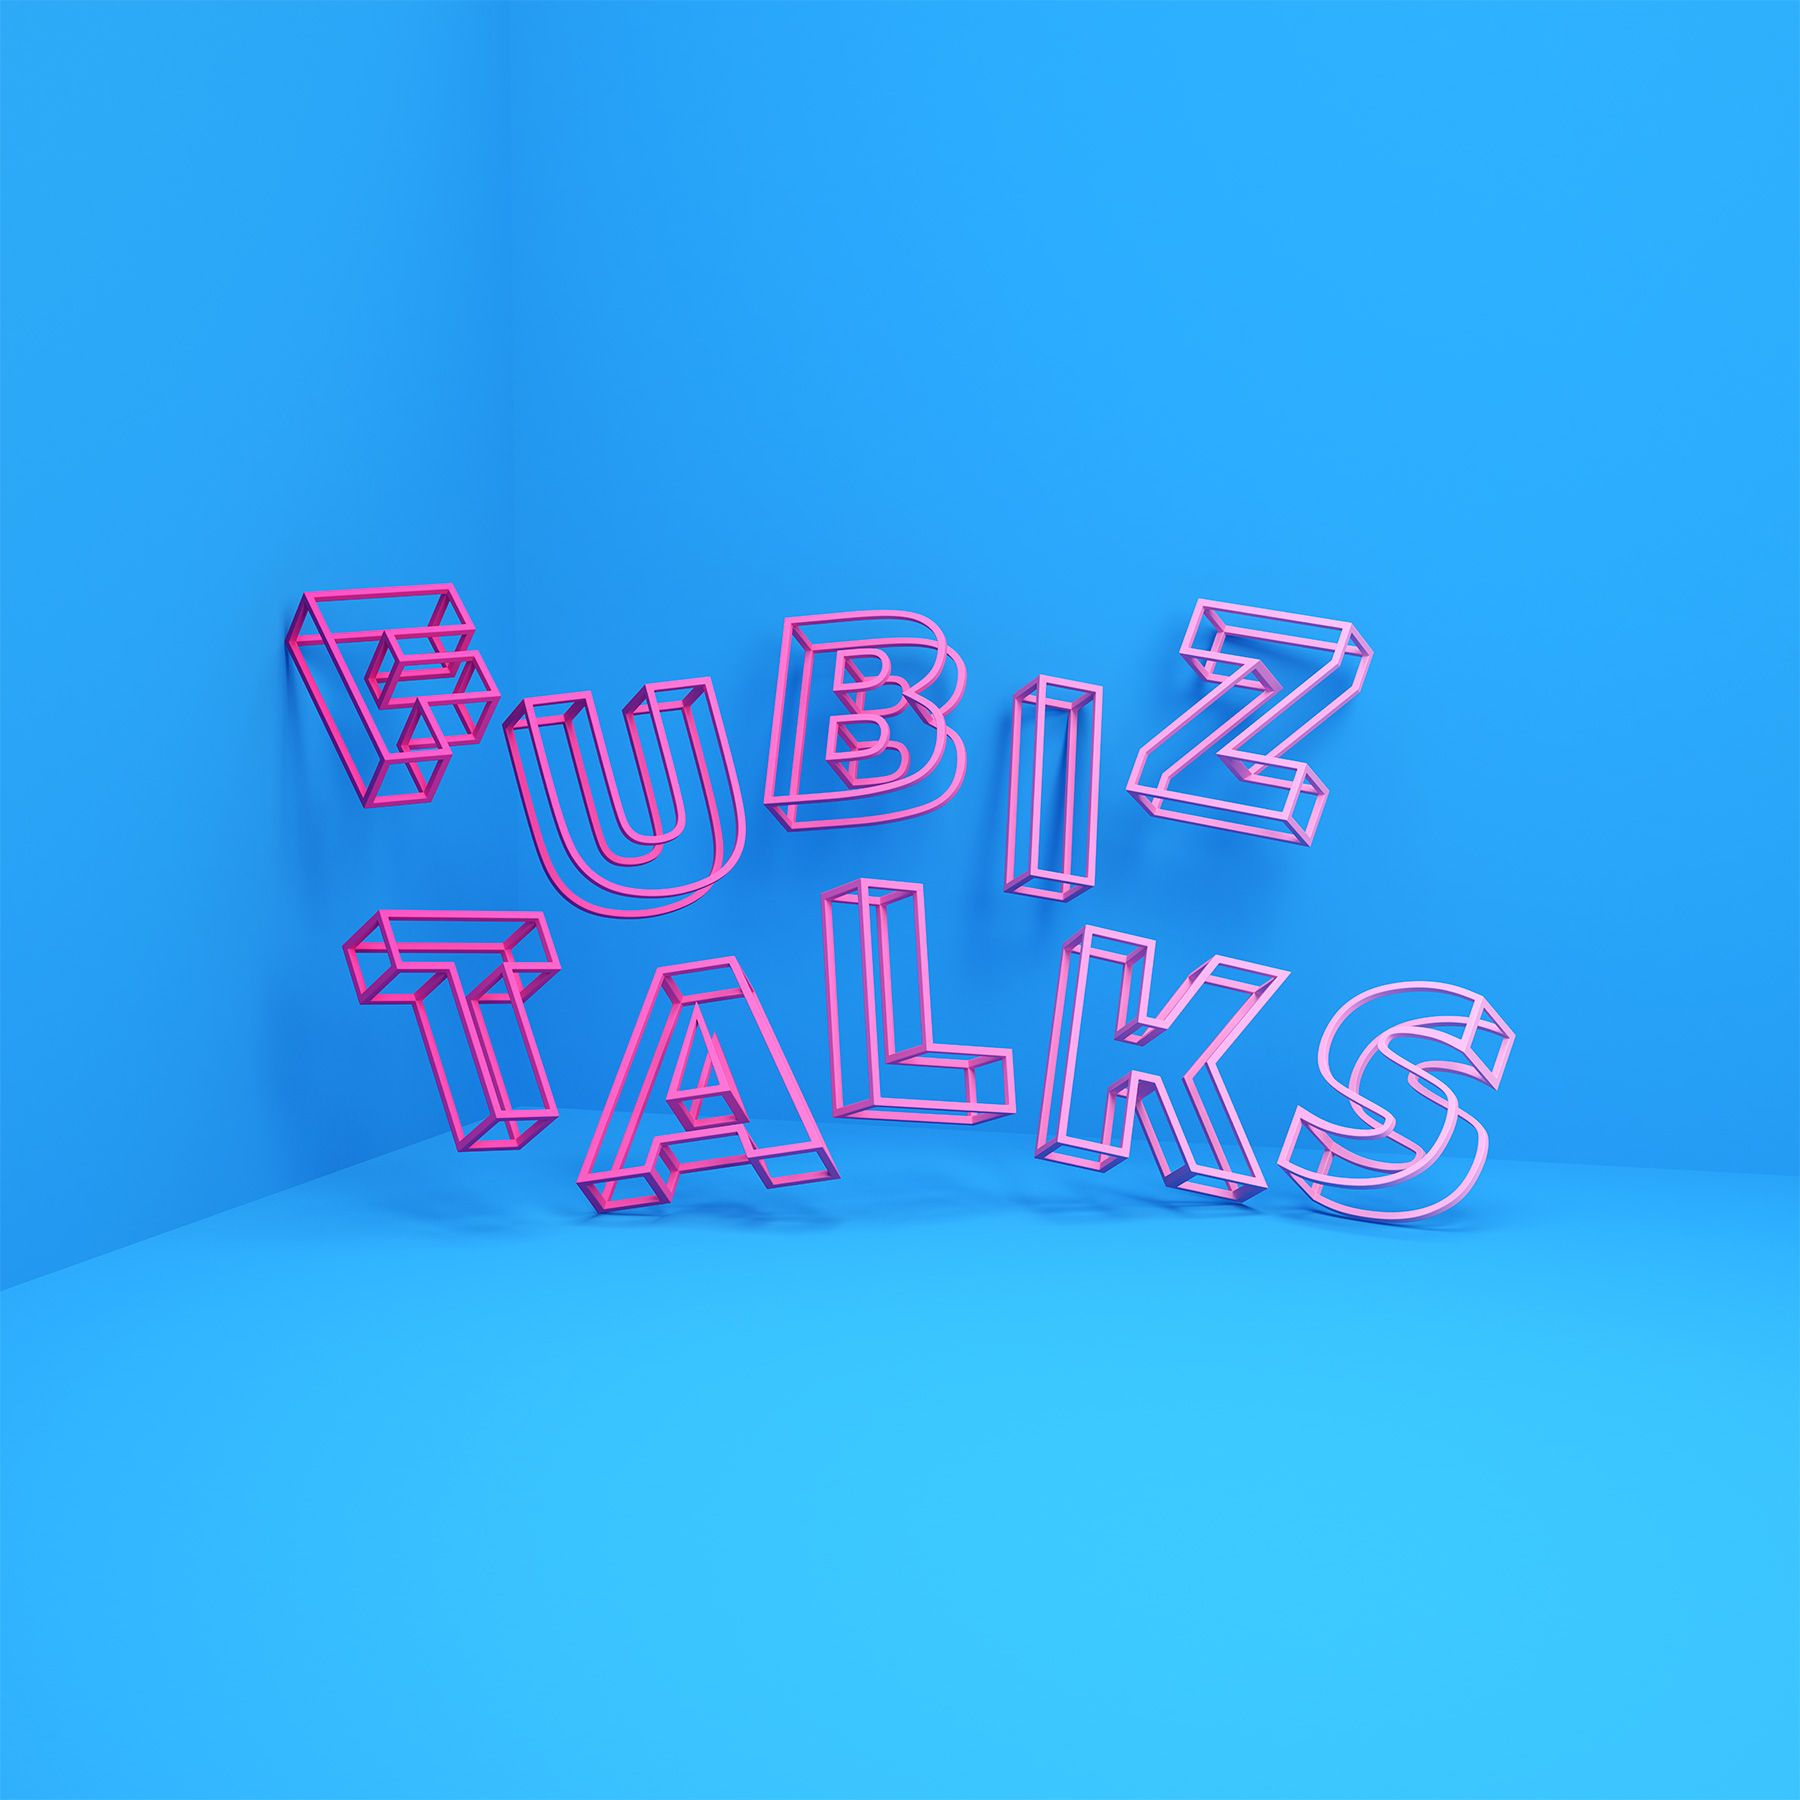 Fubiz Talks - Benoit Challand